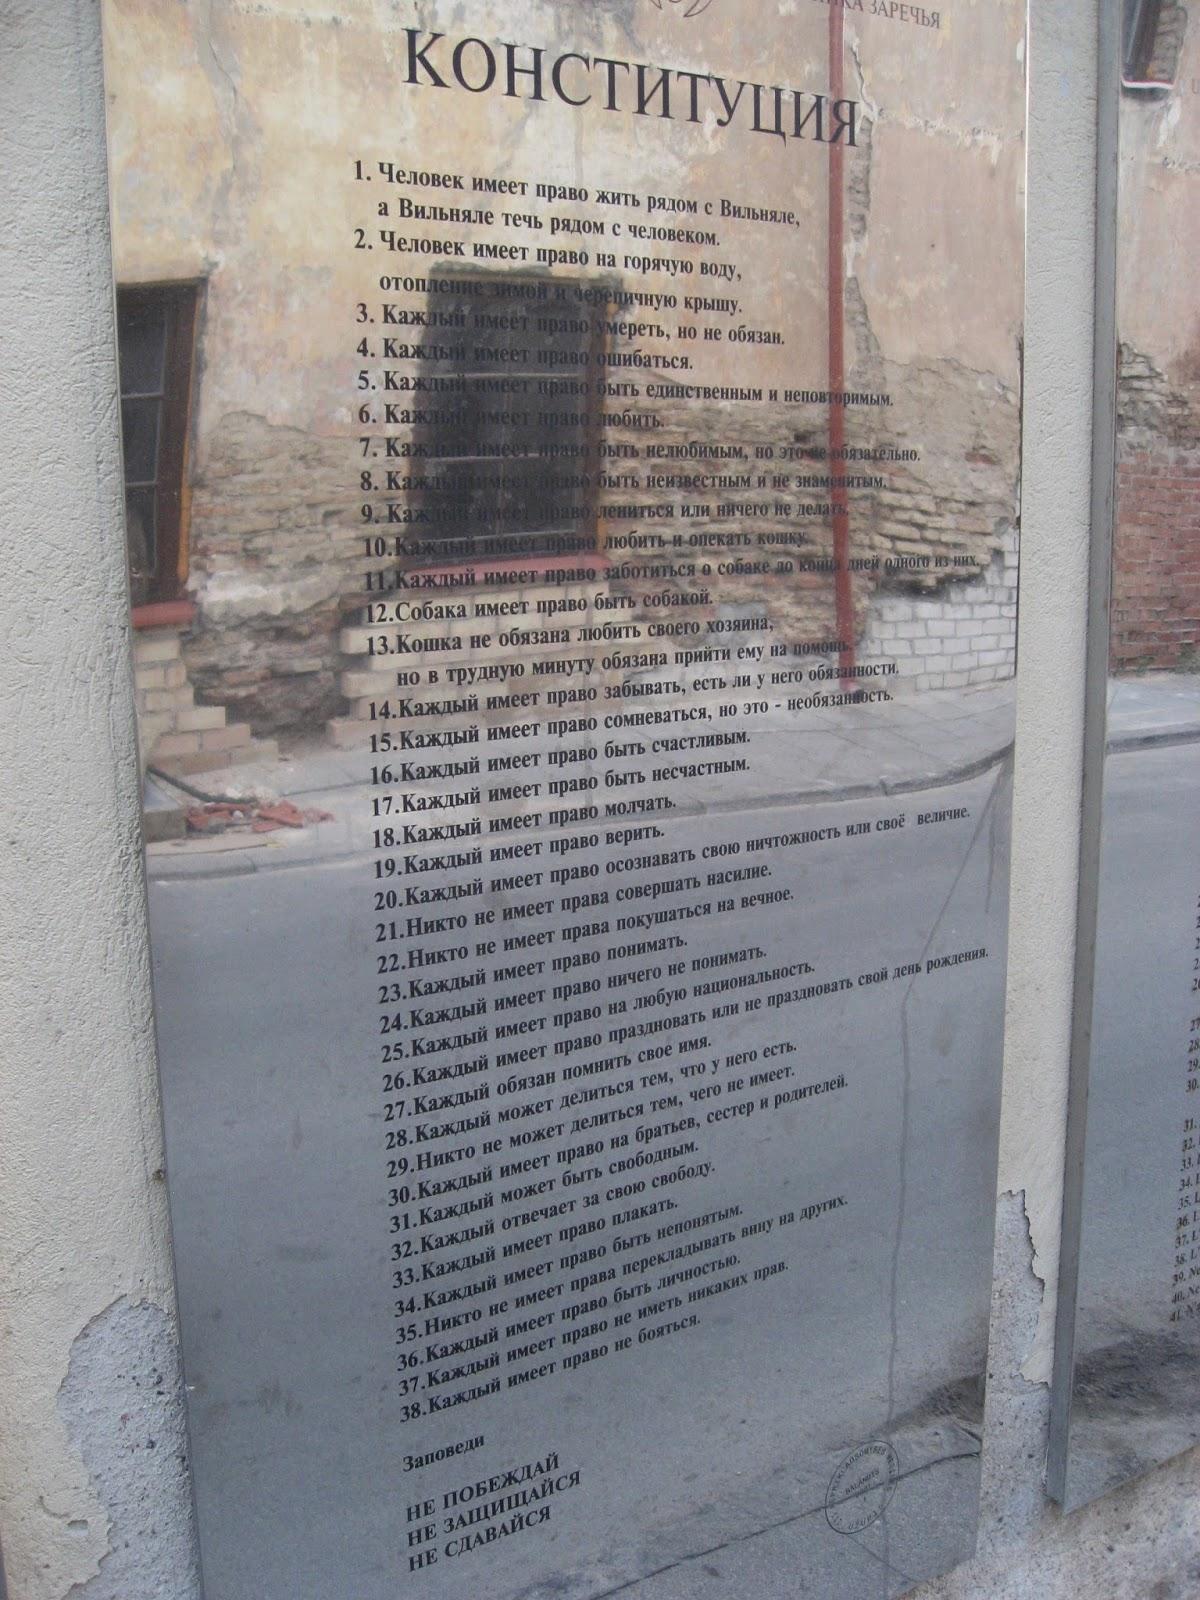 Конституция Ужуписа на русском языке.